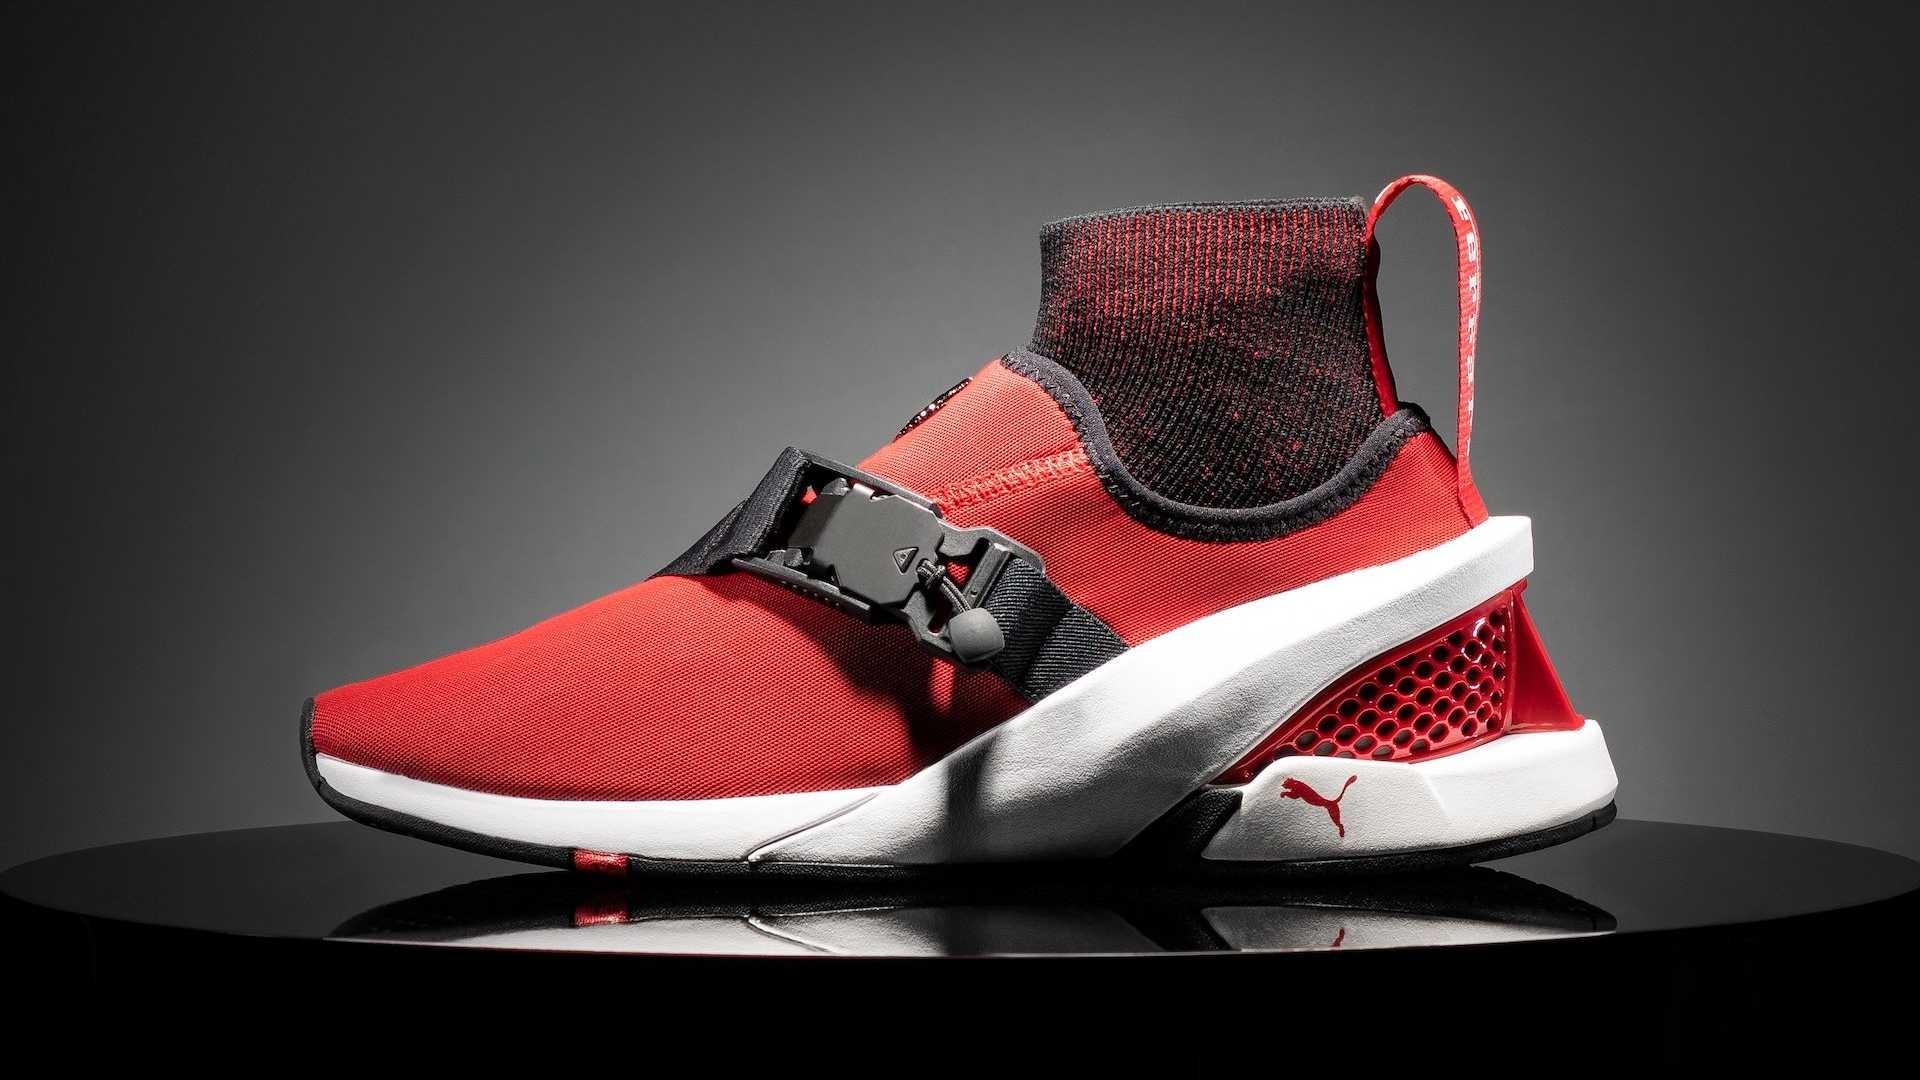 继承插电烈马SF90设计理念 法拉利推联名跑鞋